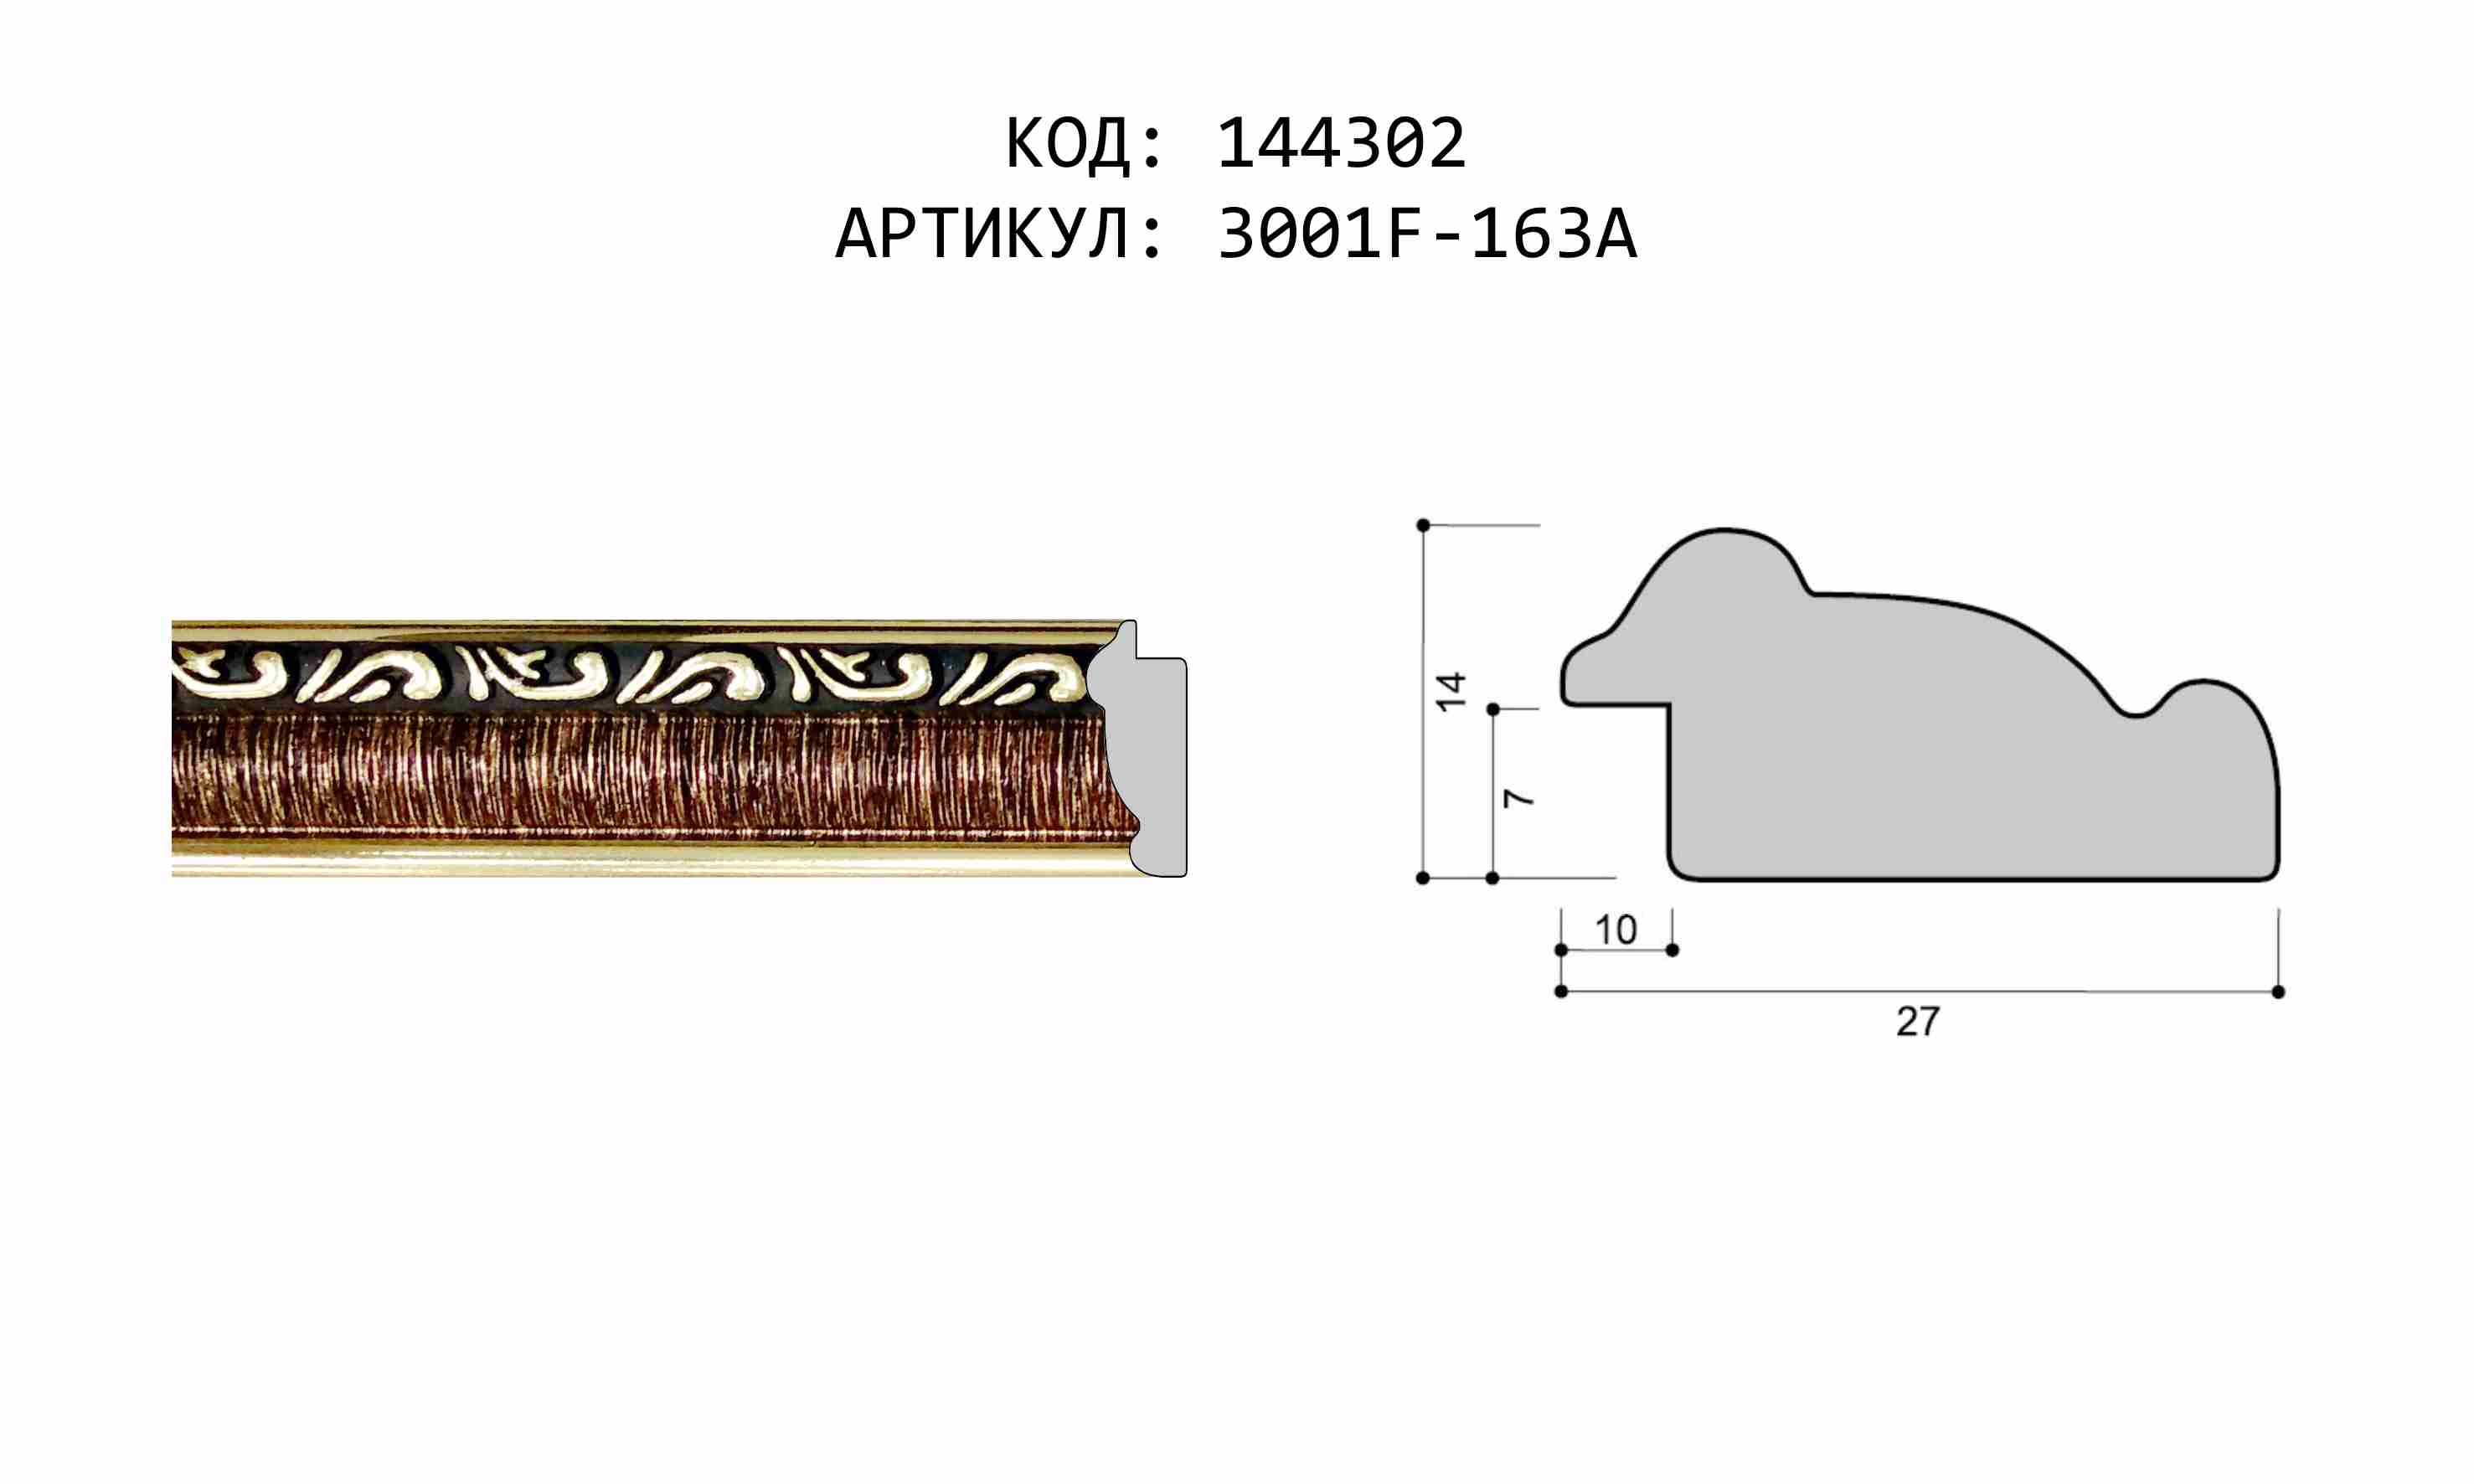 Артикул: 3001F-163A